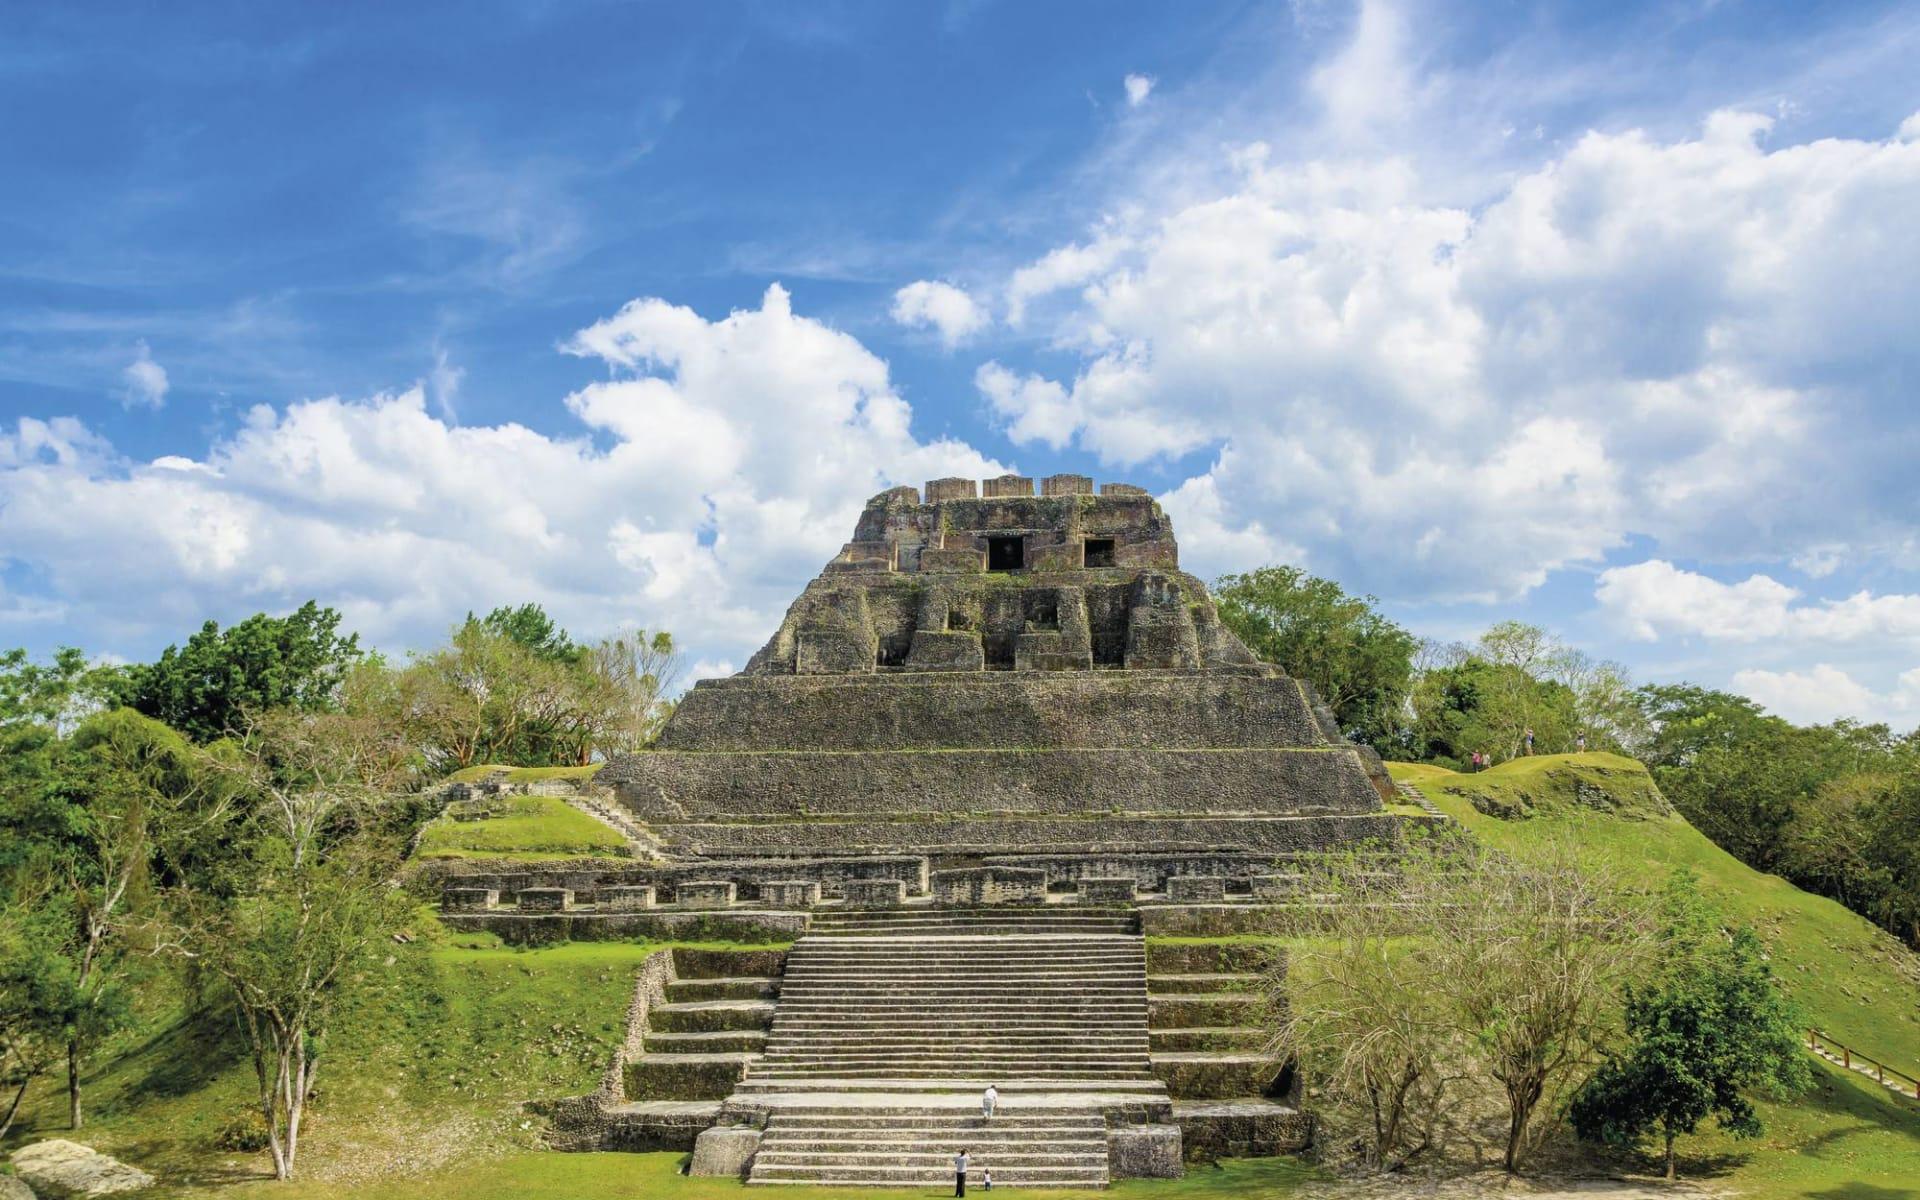 Privatreise Das Erbe der Maya ab Cancun: Karibik - Belize - Ruinen von Xunantunich